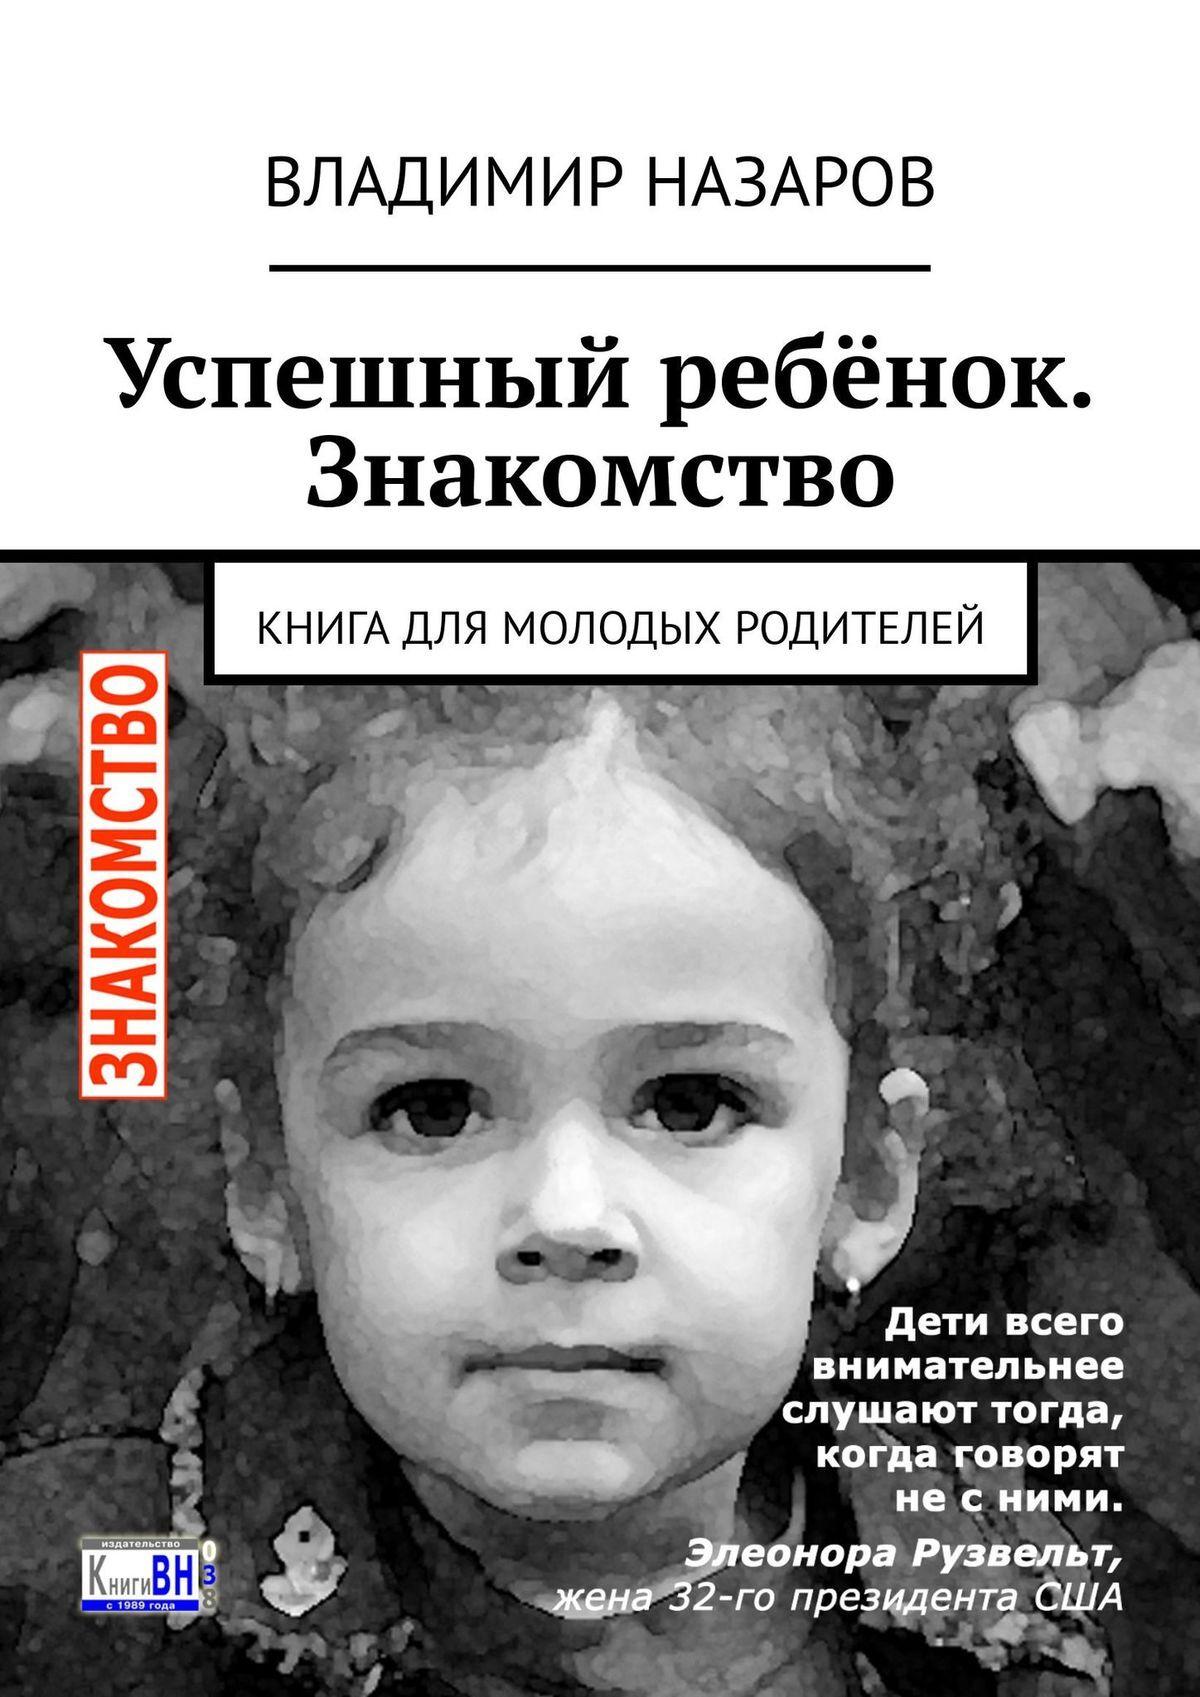 Владимир Назаров Успешный ребёнок. Знакомство. Книга для молодых родителей